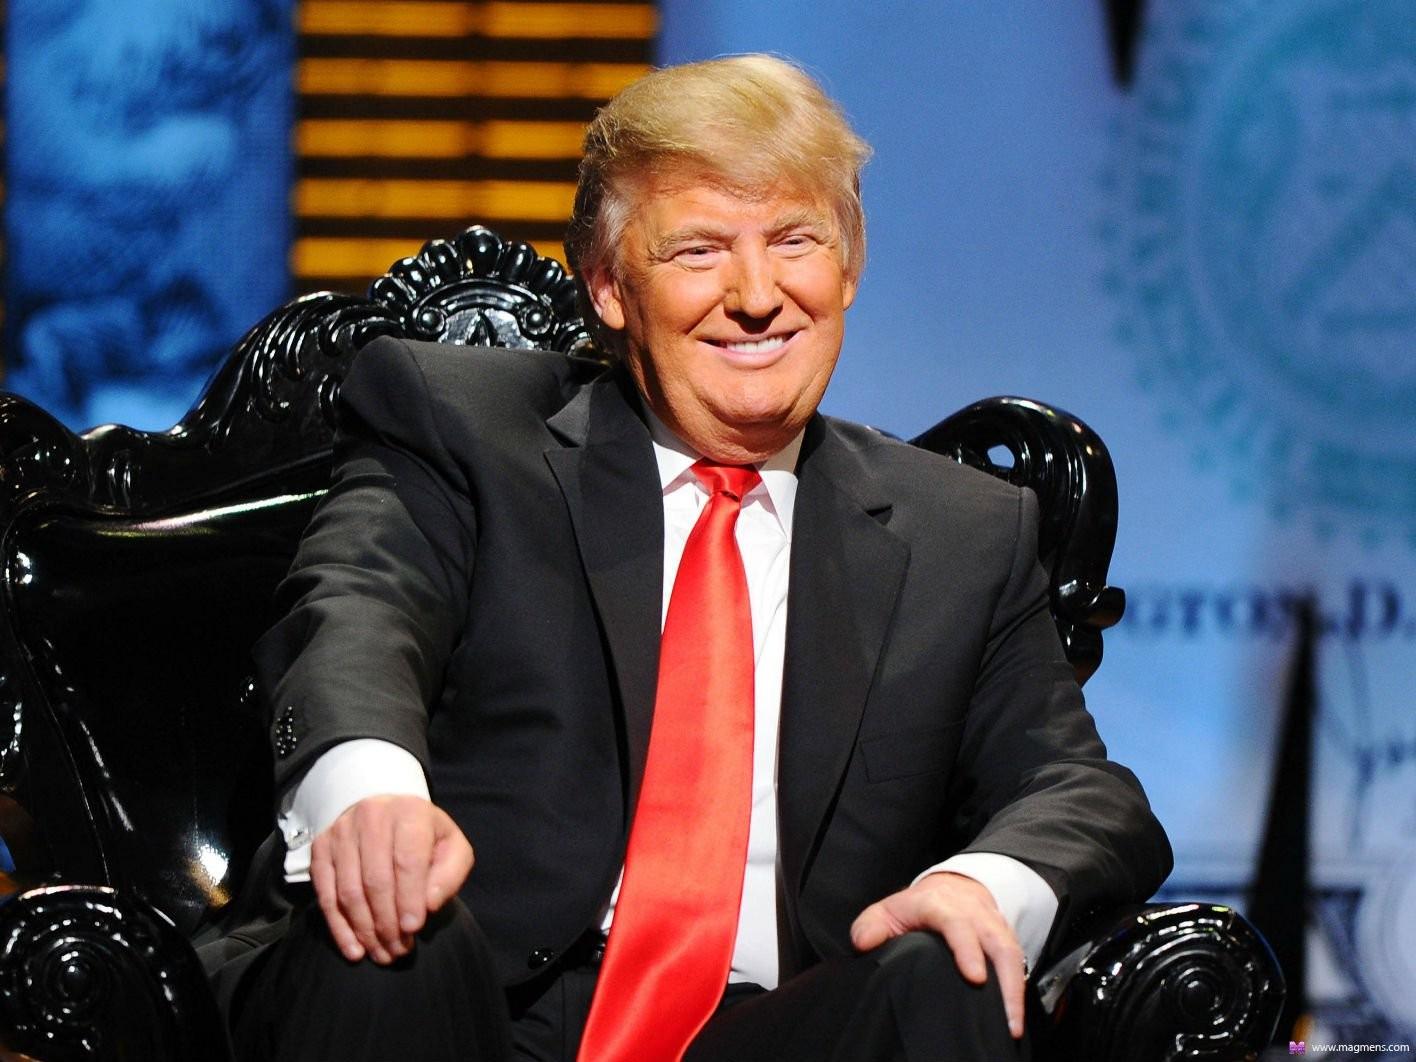 Передача власти: Трамп получил доступ ксекретной информации спецслужб США